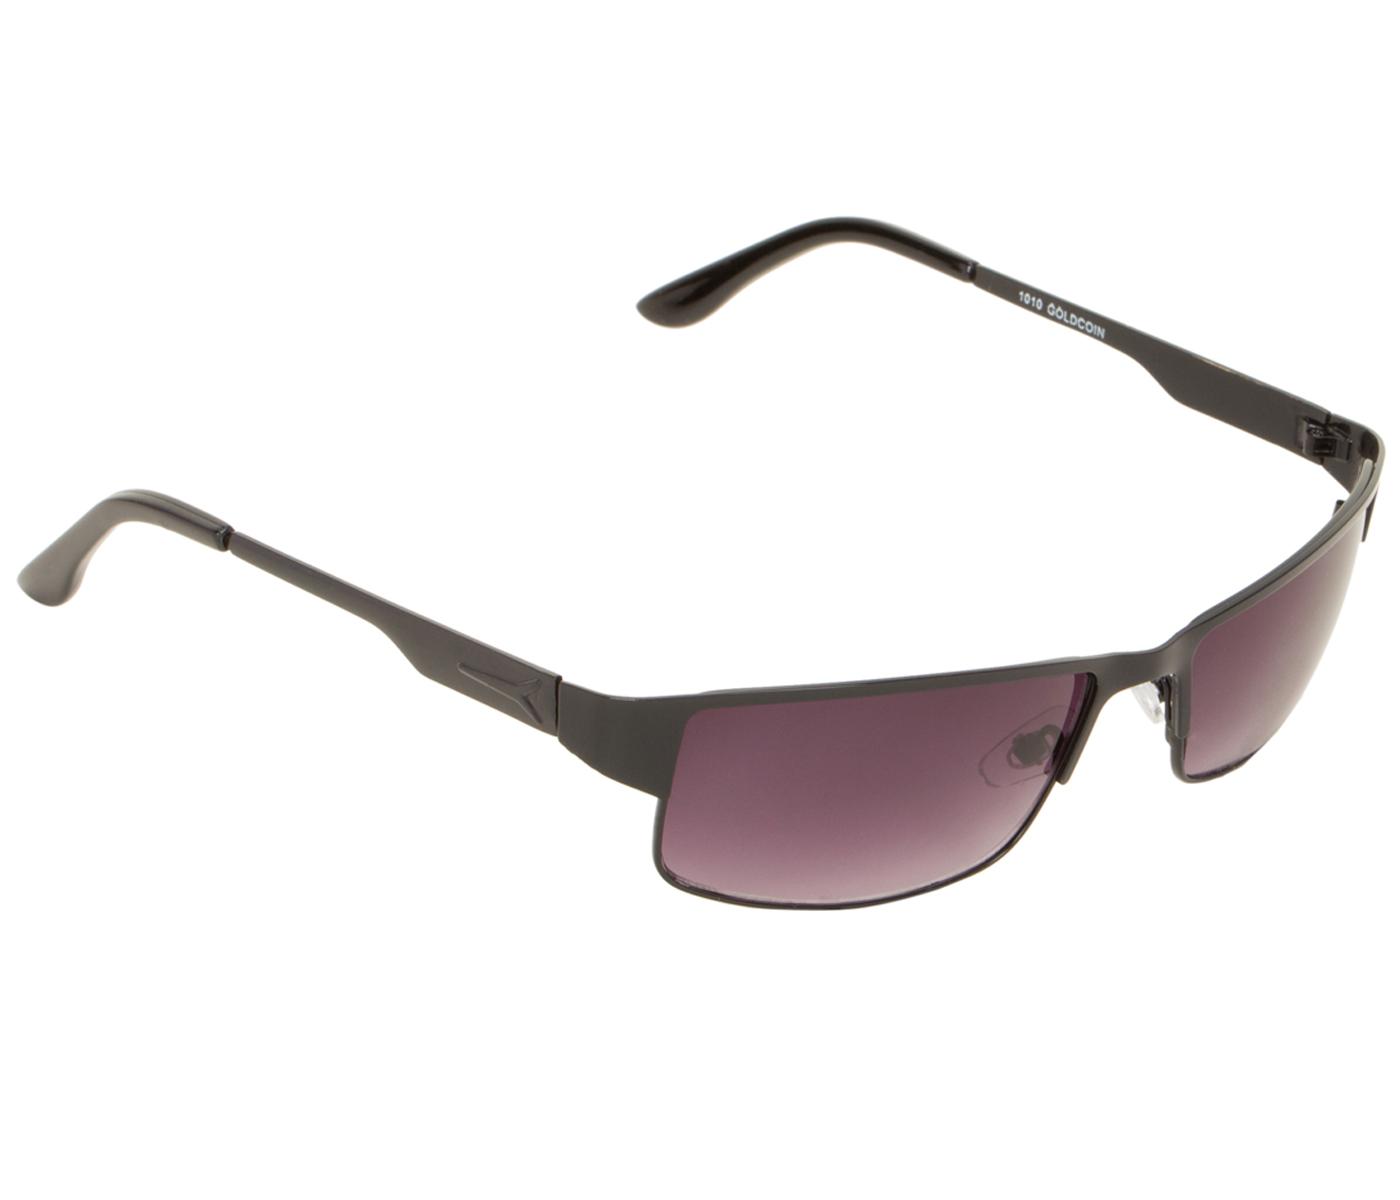 alee7 Alee Rectangular Unisex Sunglasses